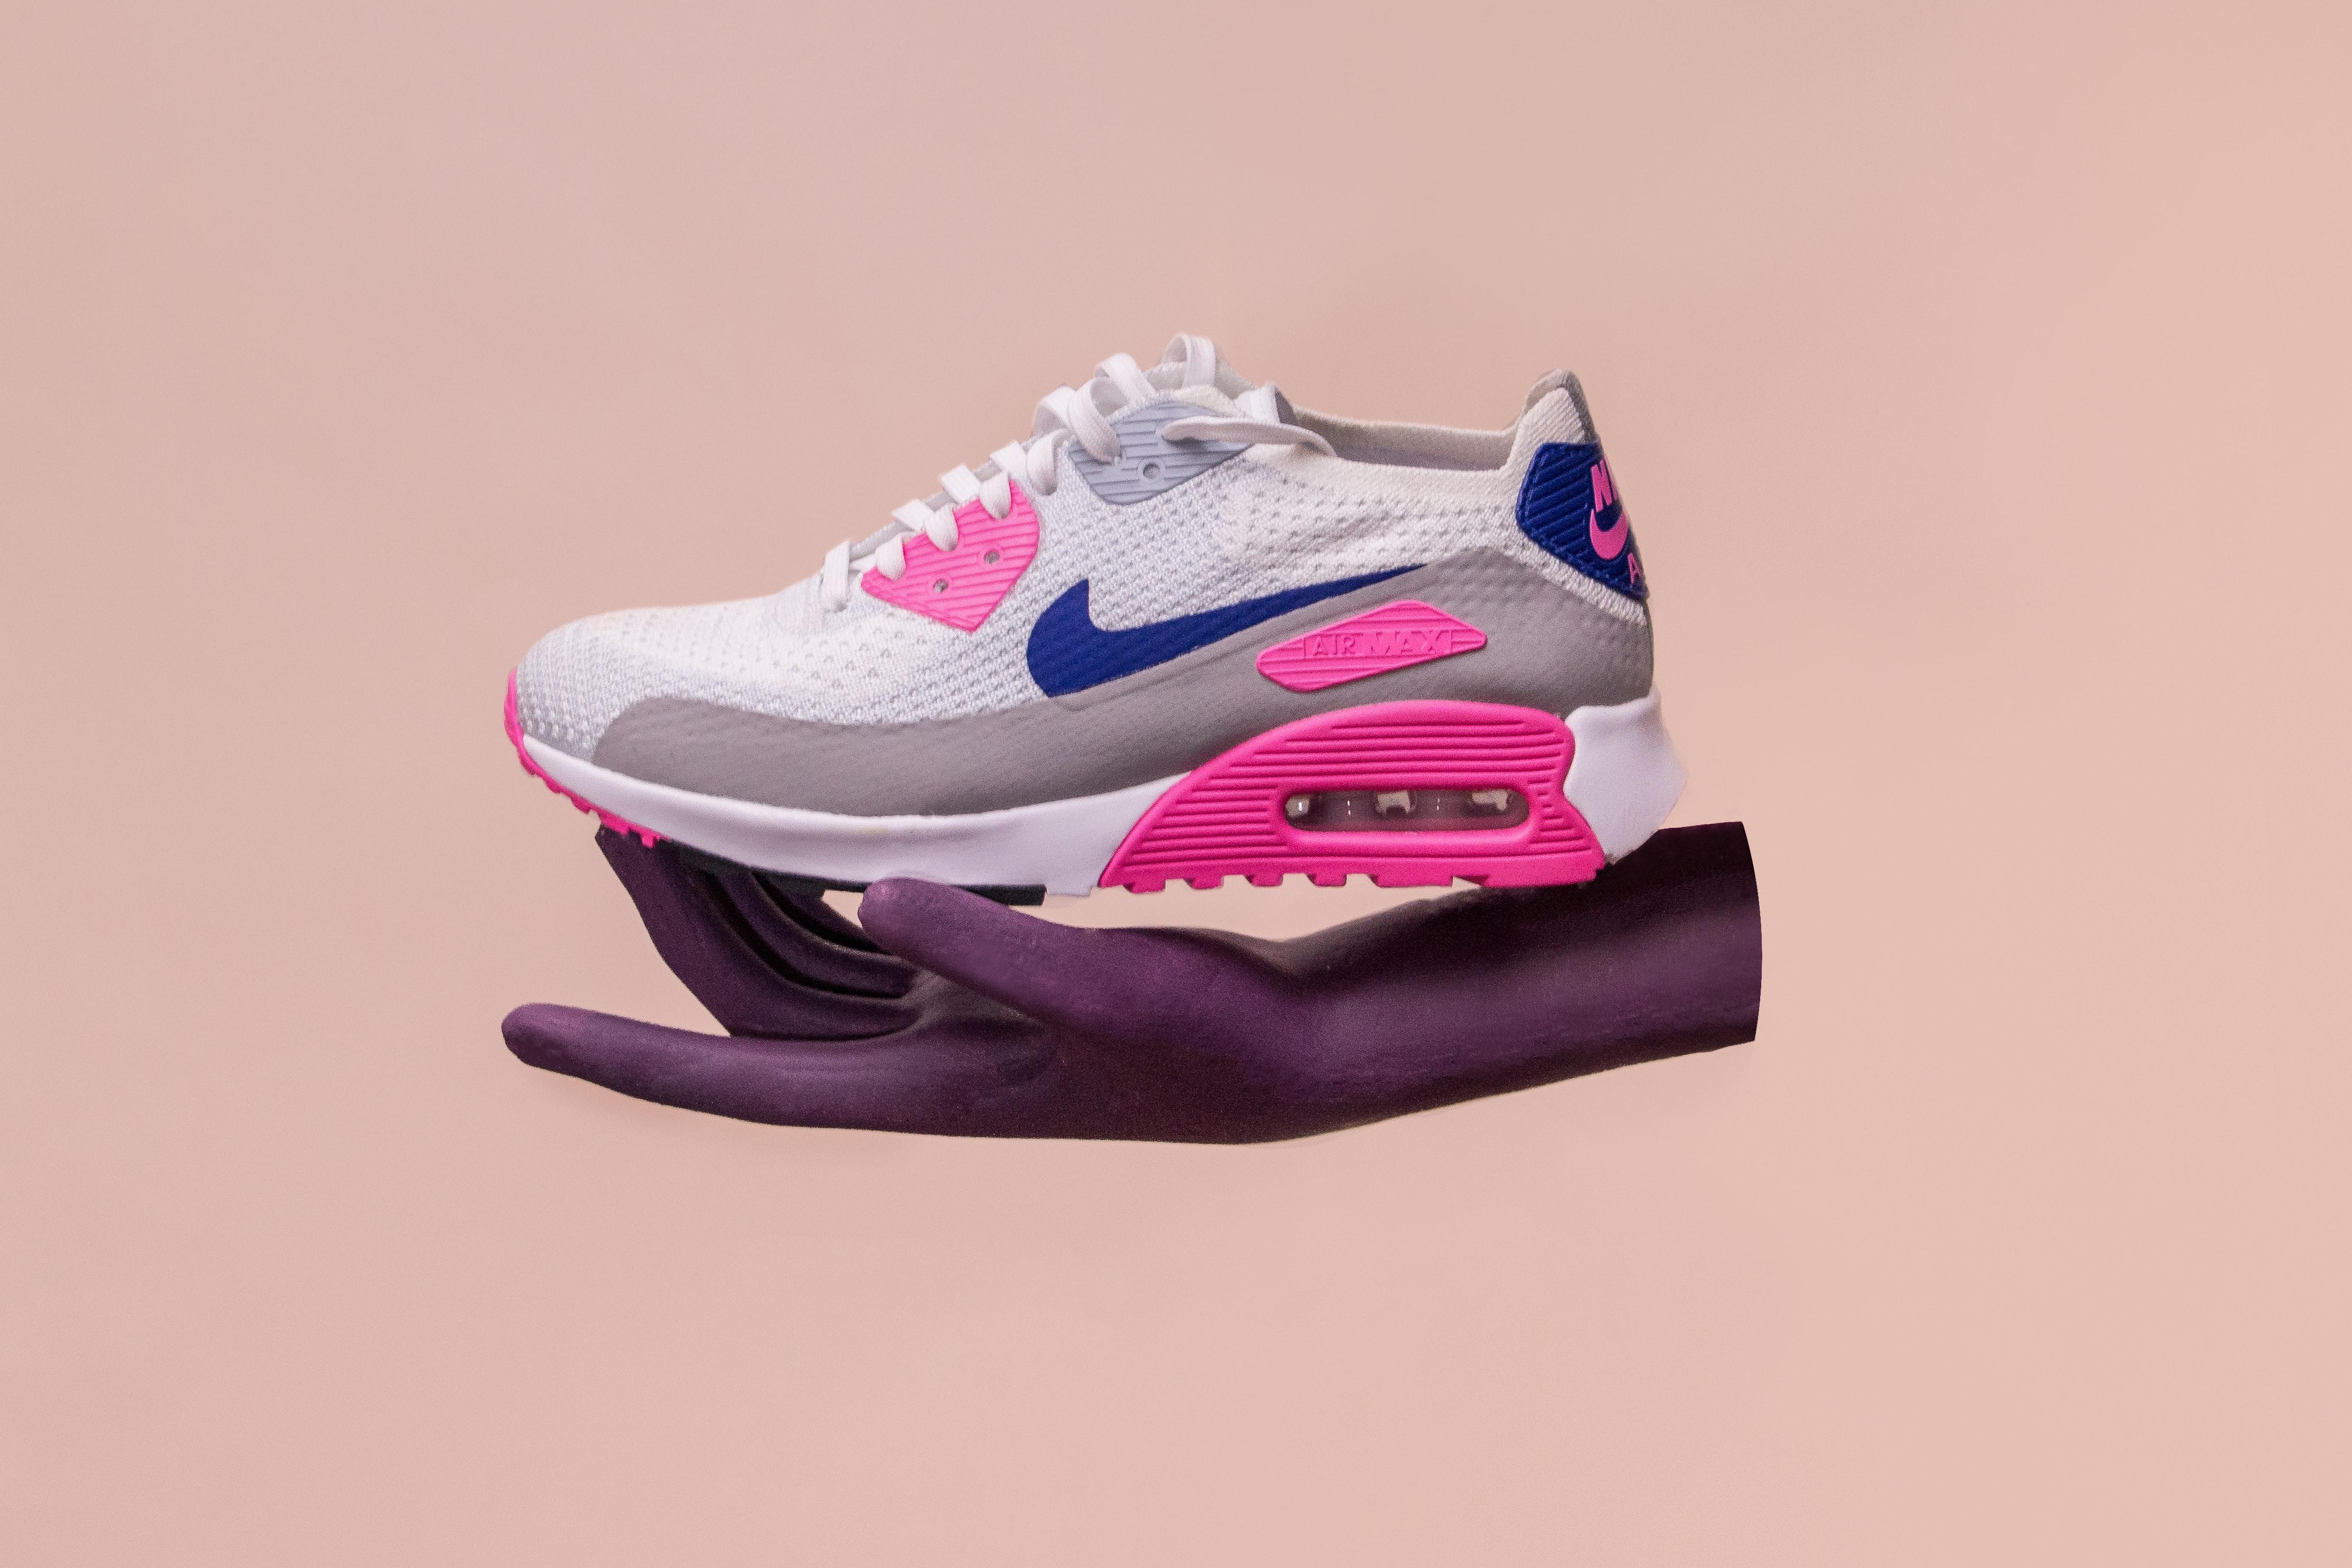 Nike shoe image